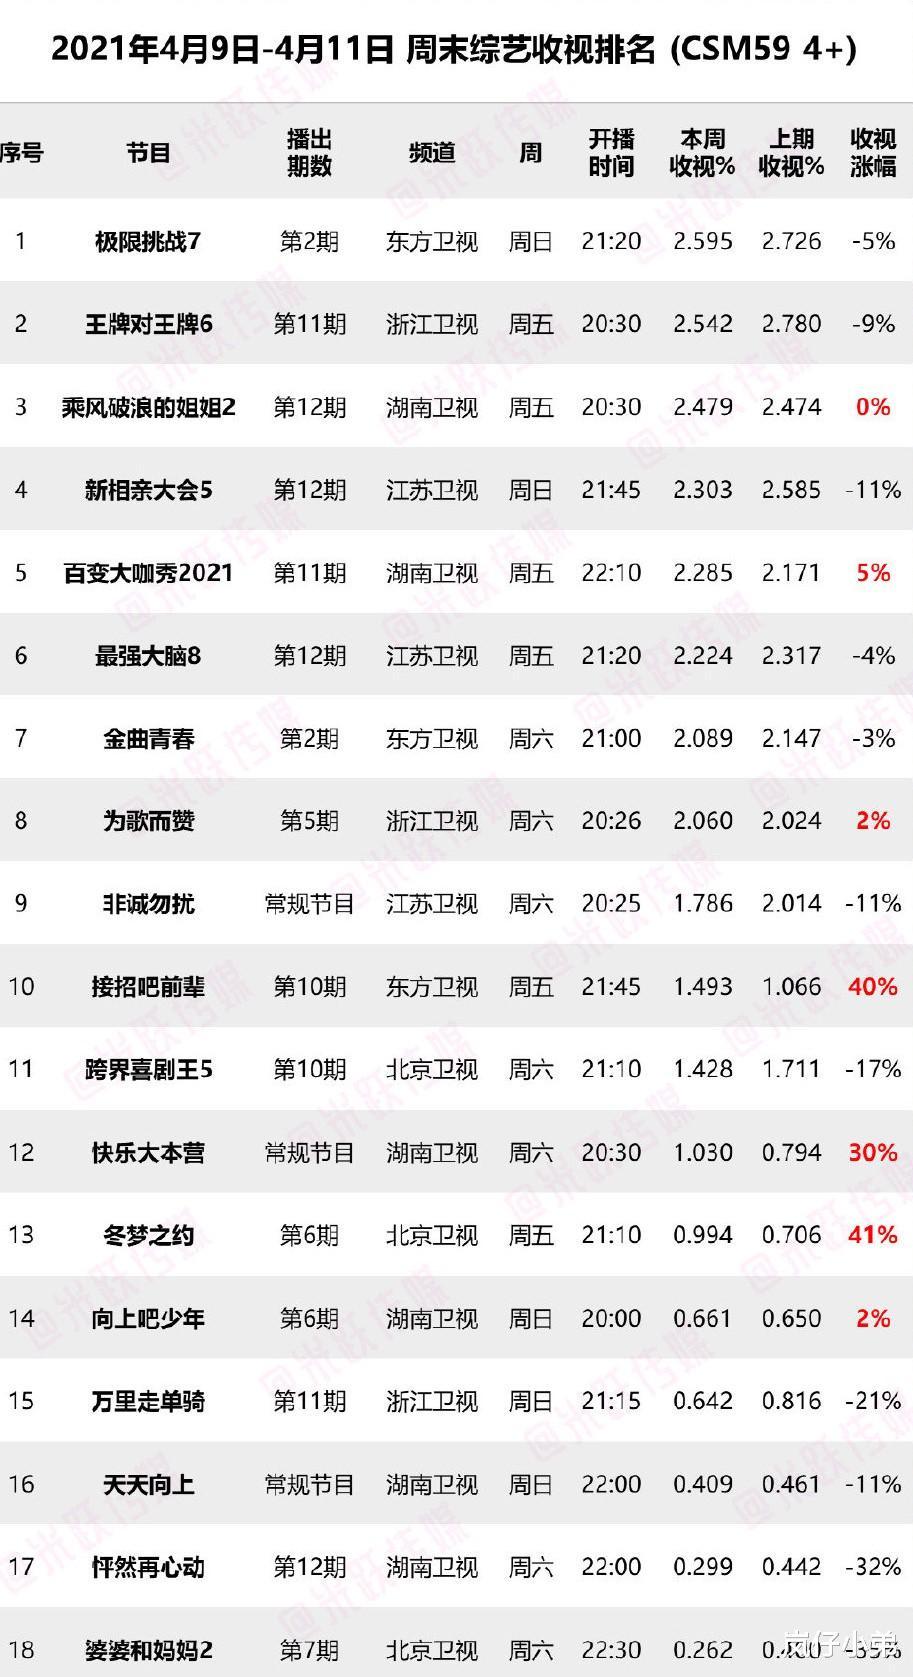 上周末综艺收视率排名出炉,《极挑7》登顶夺冠,芒果台成最大赢家!